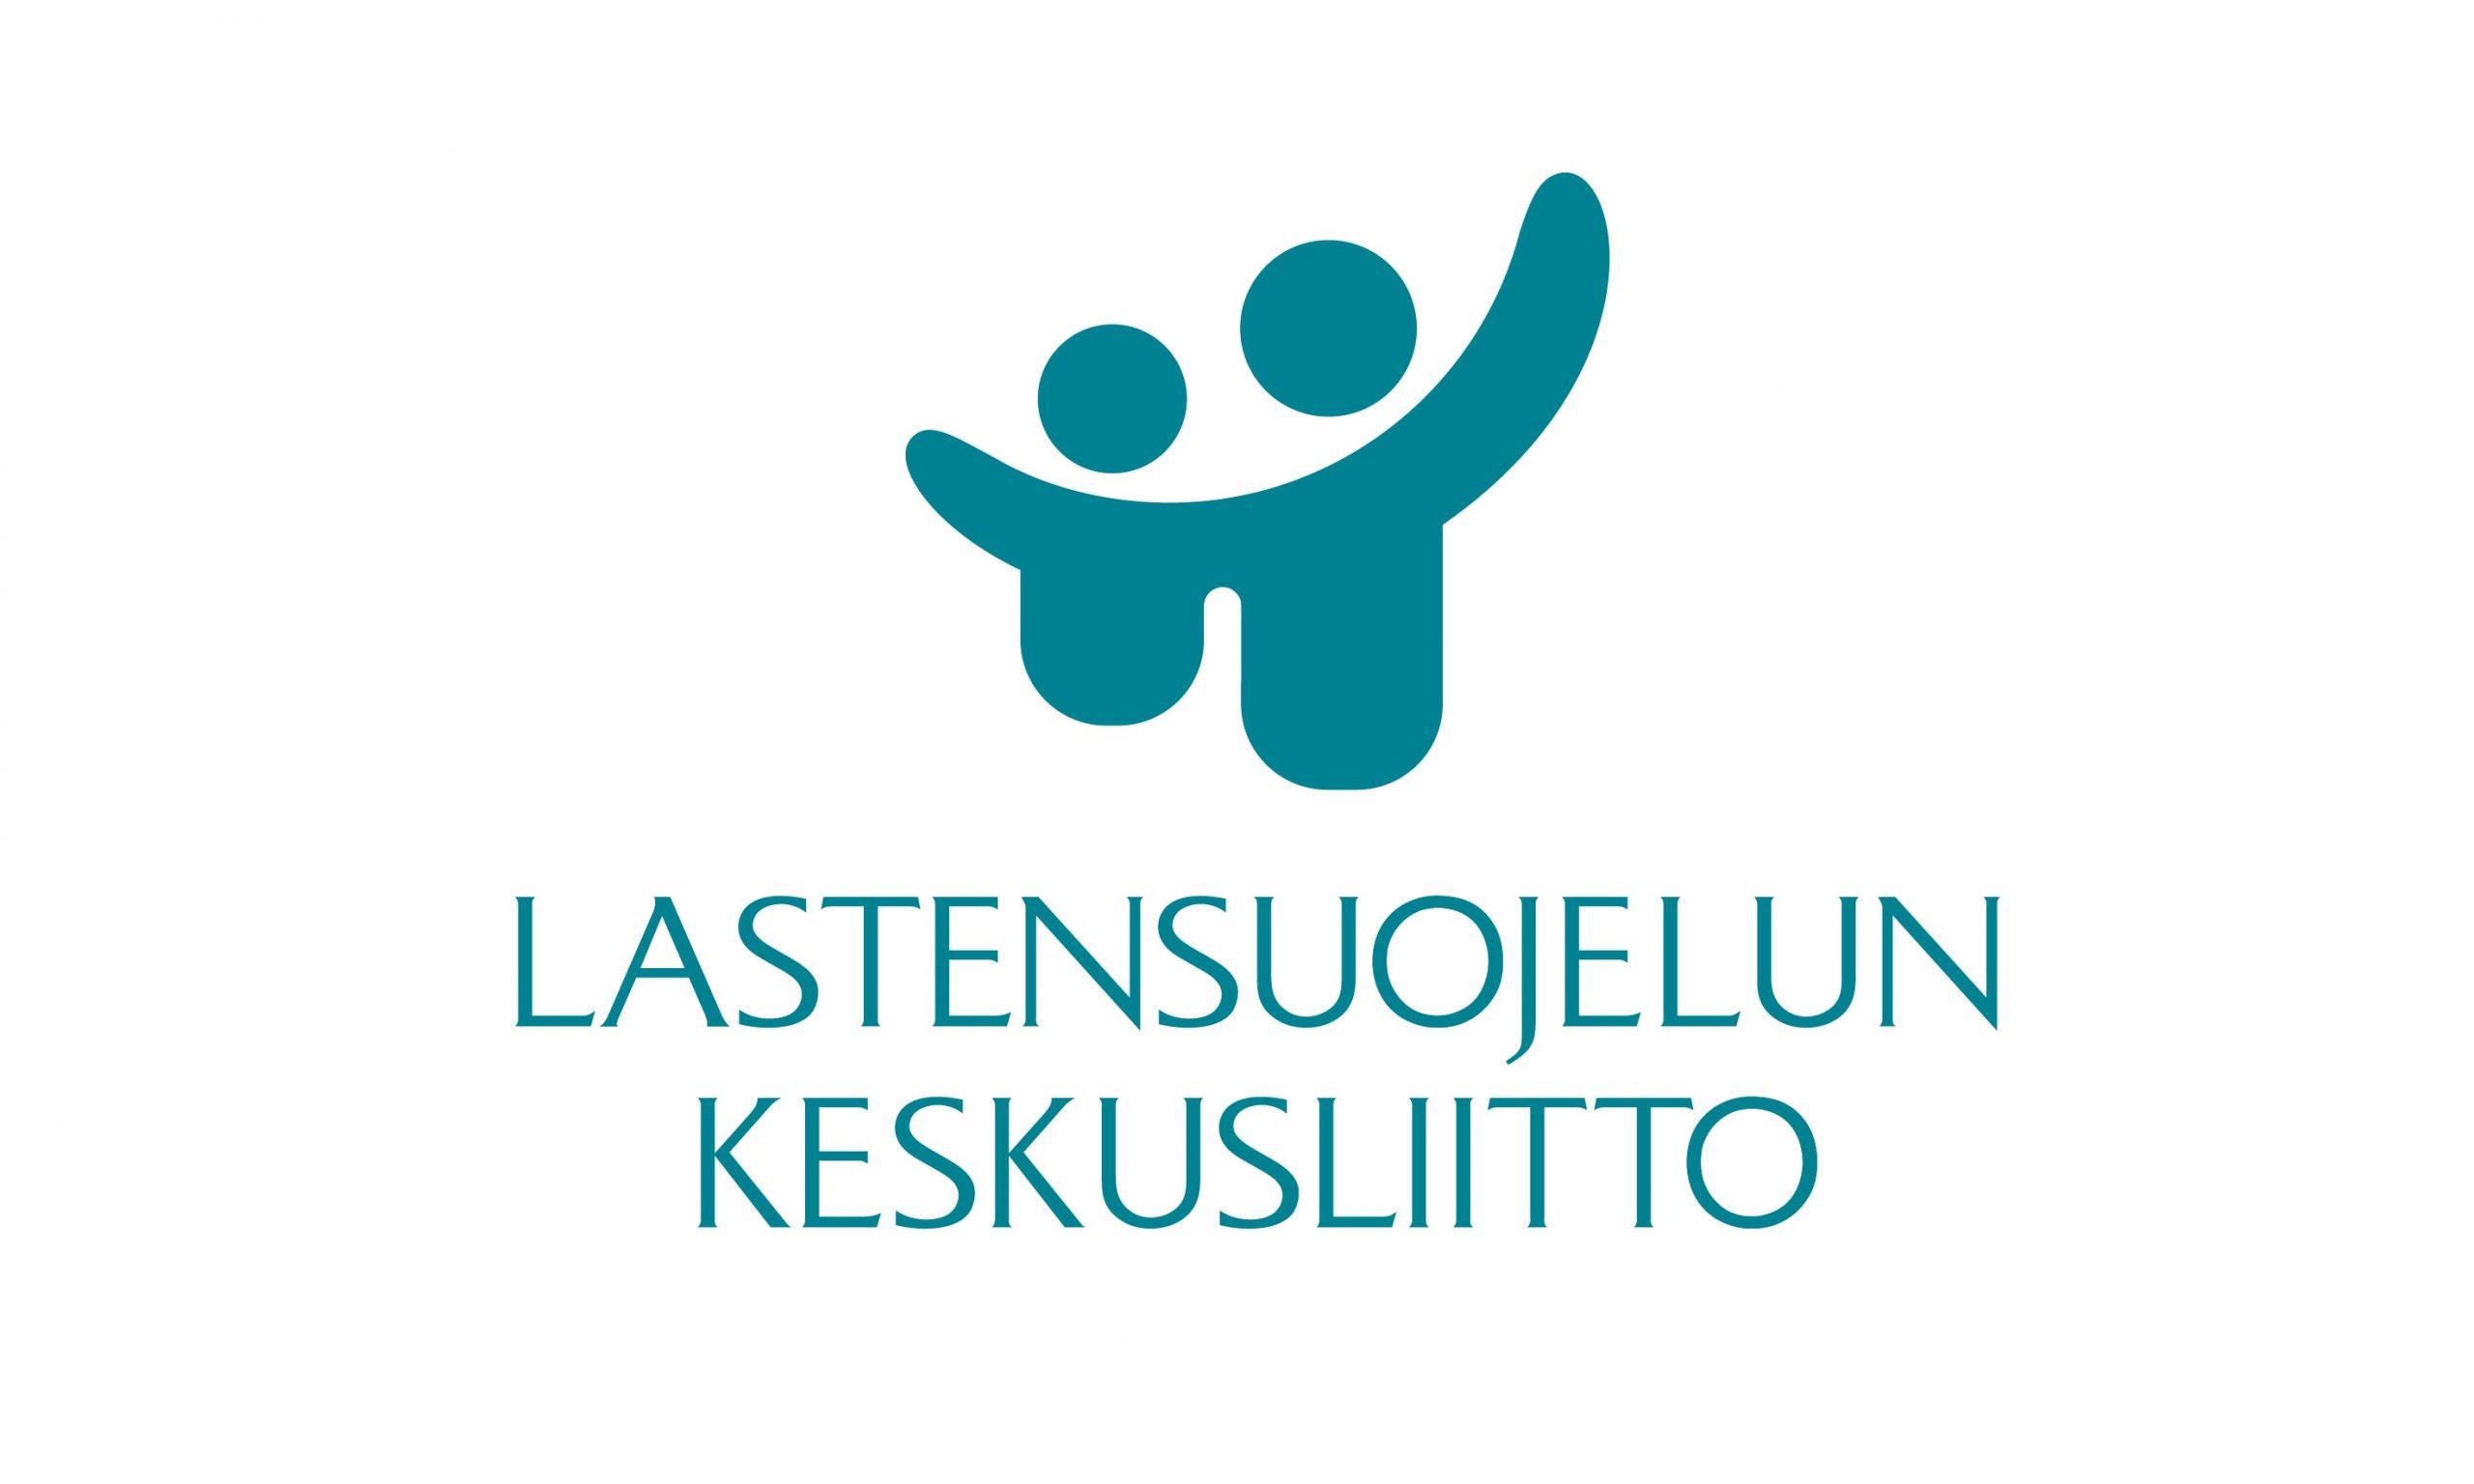 Lastensuojelun Keskusliitto etsii erityisasiantuntijaa!